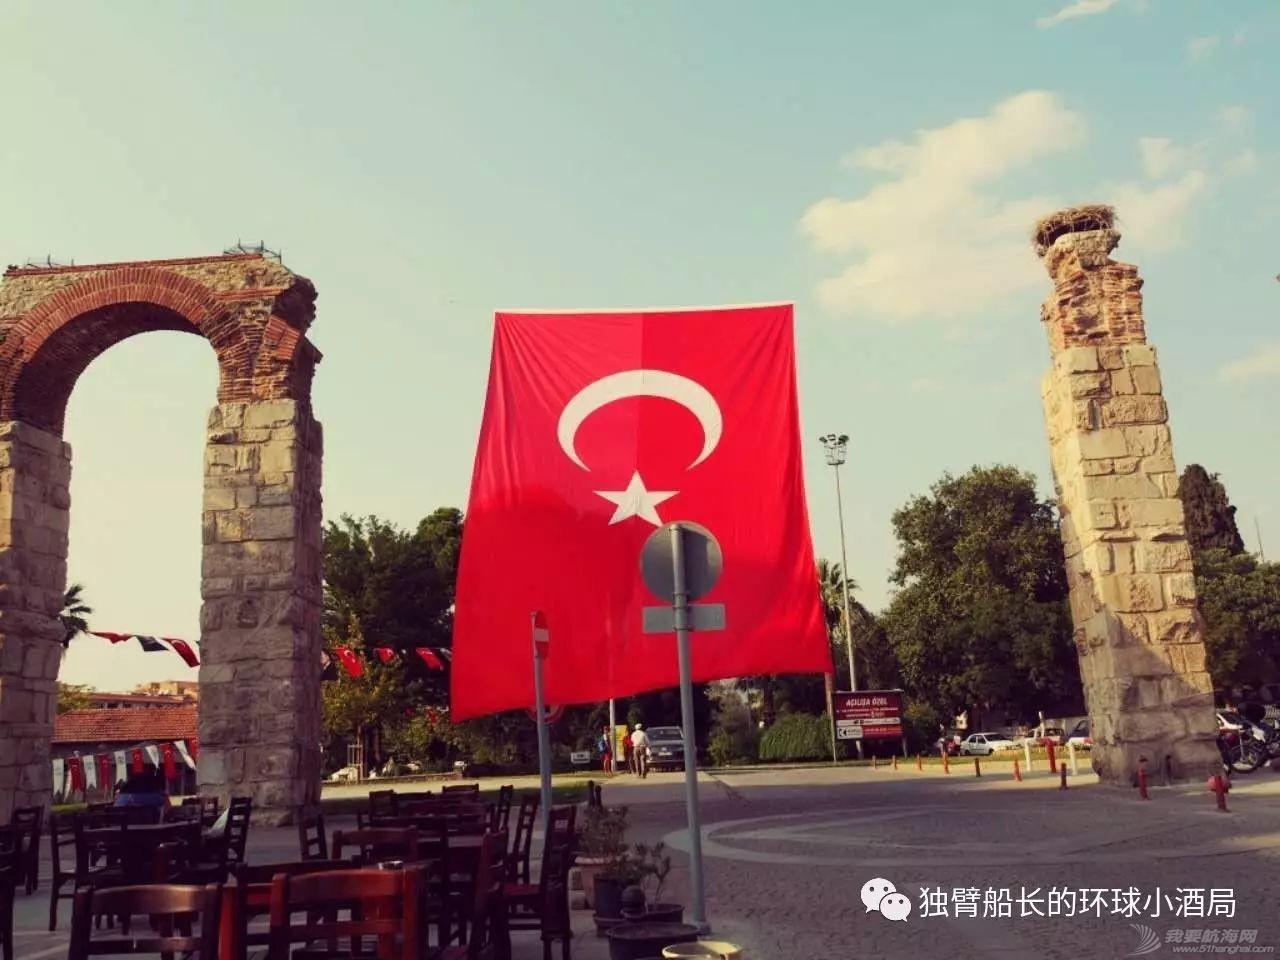 土耳其:挨了一刀的少年,被抬上王座,一群美女围着他跳了三天三夜w1.jpg